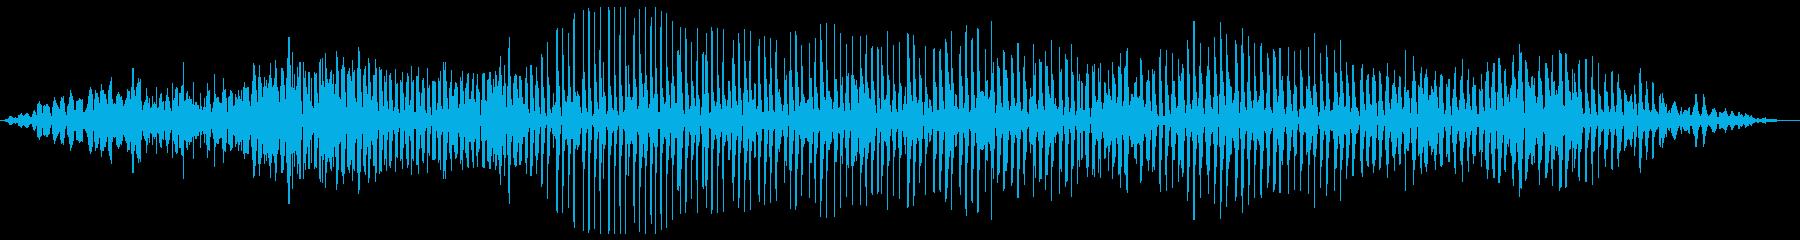 バララララ(プロペラ飛行機の様な効果音)の再生済みの波形